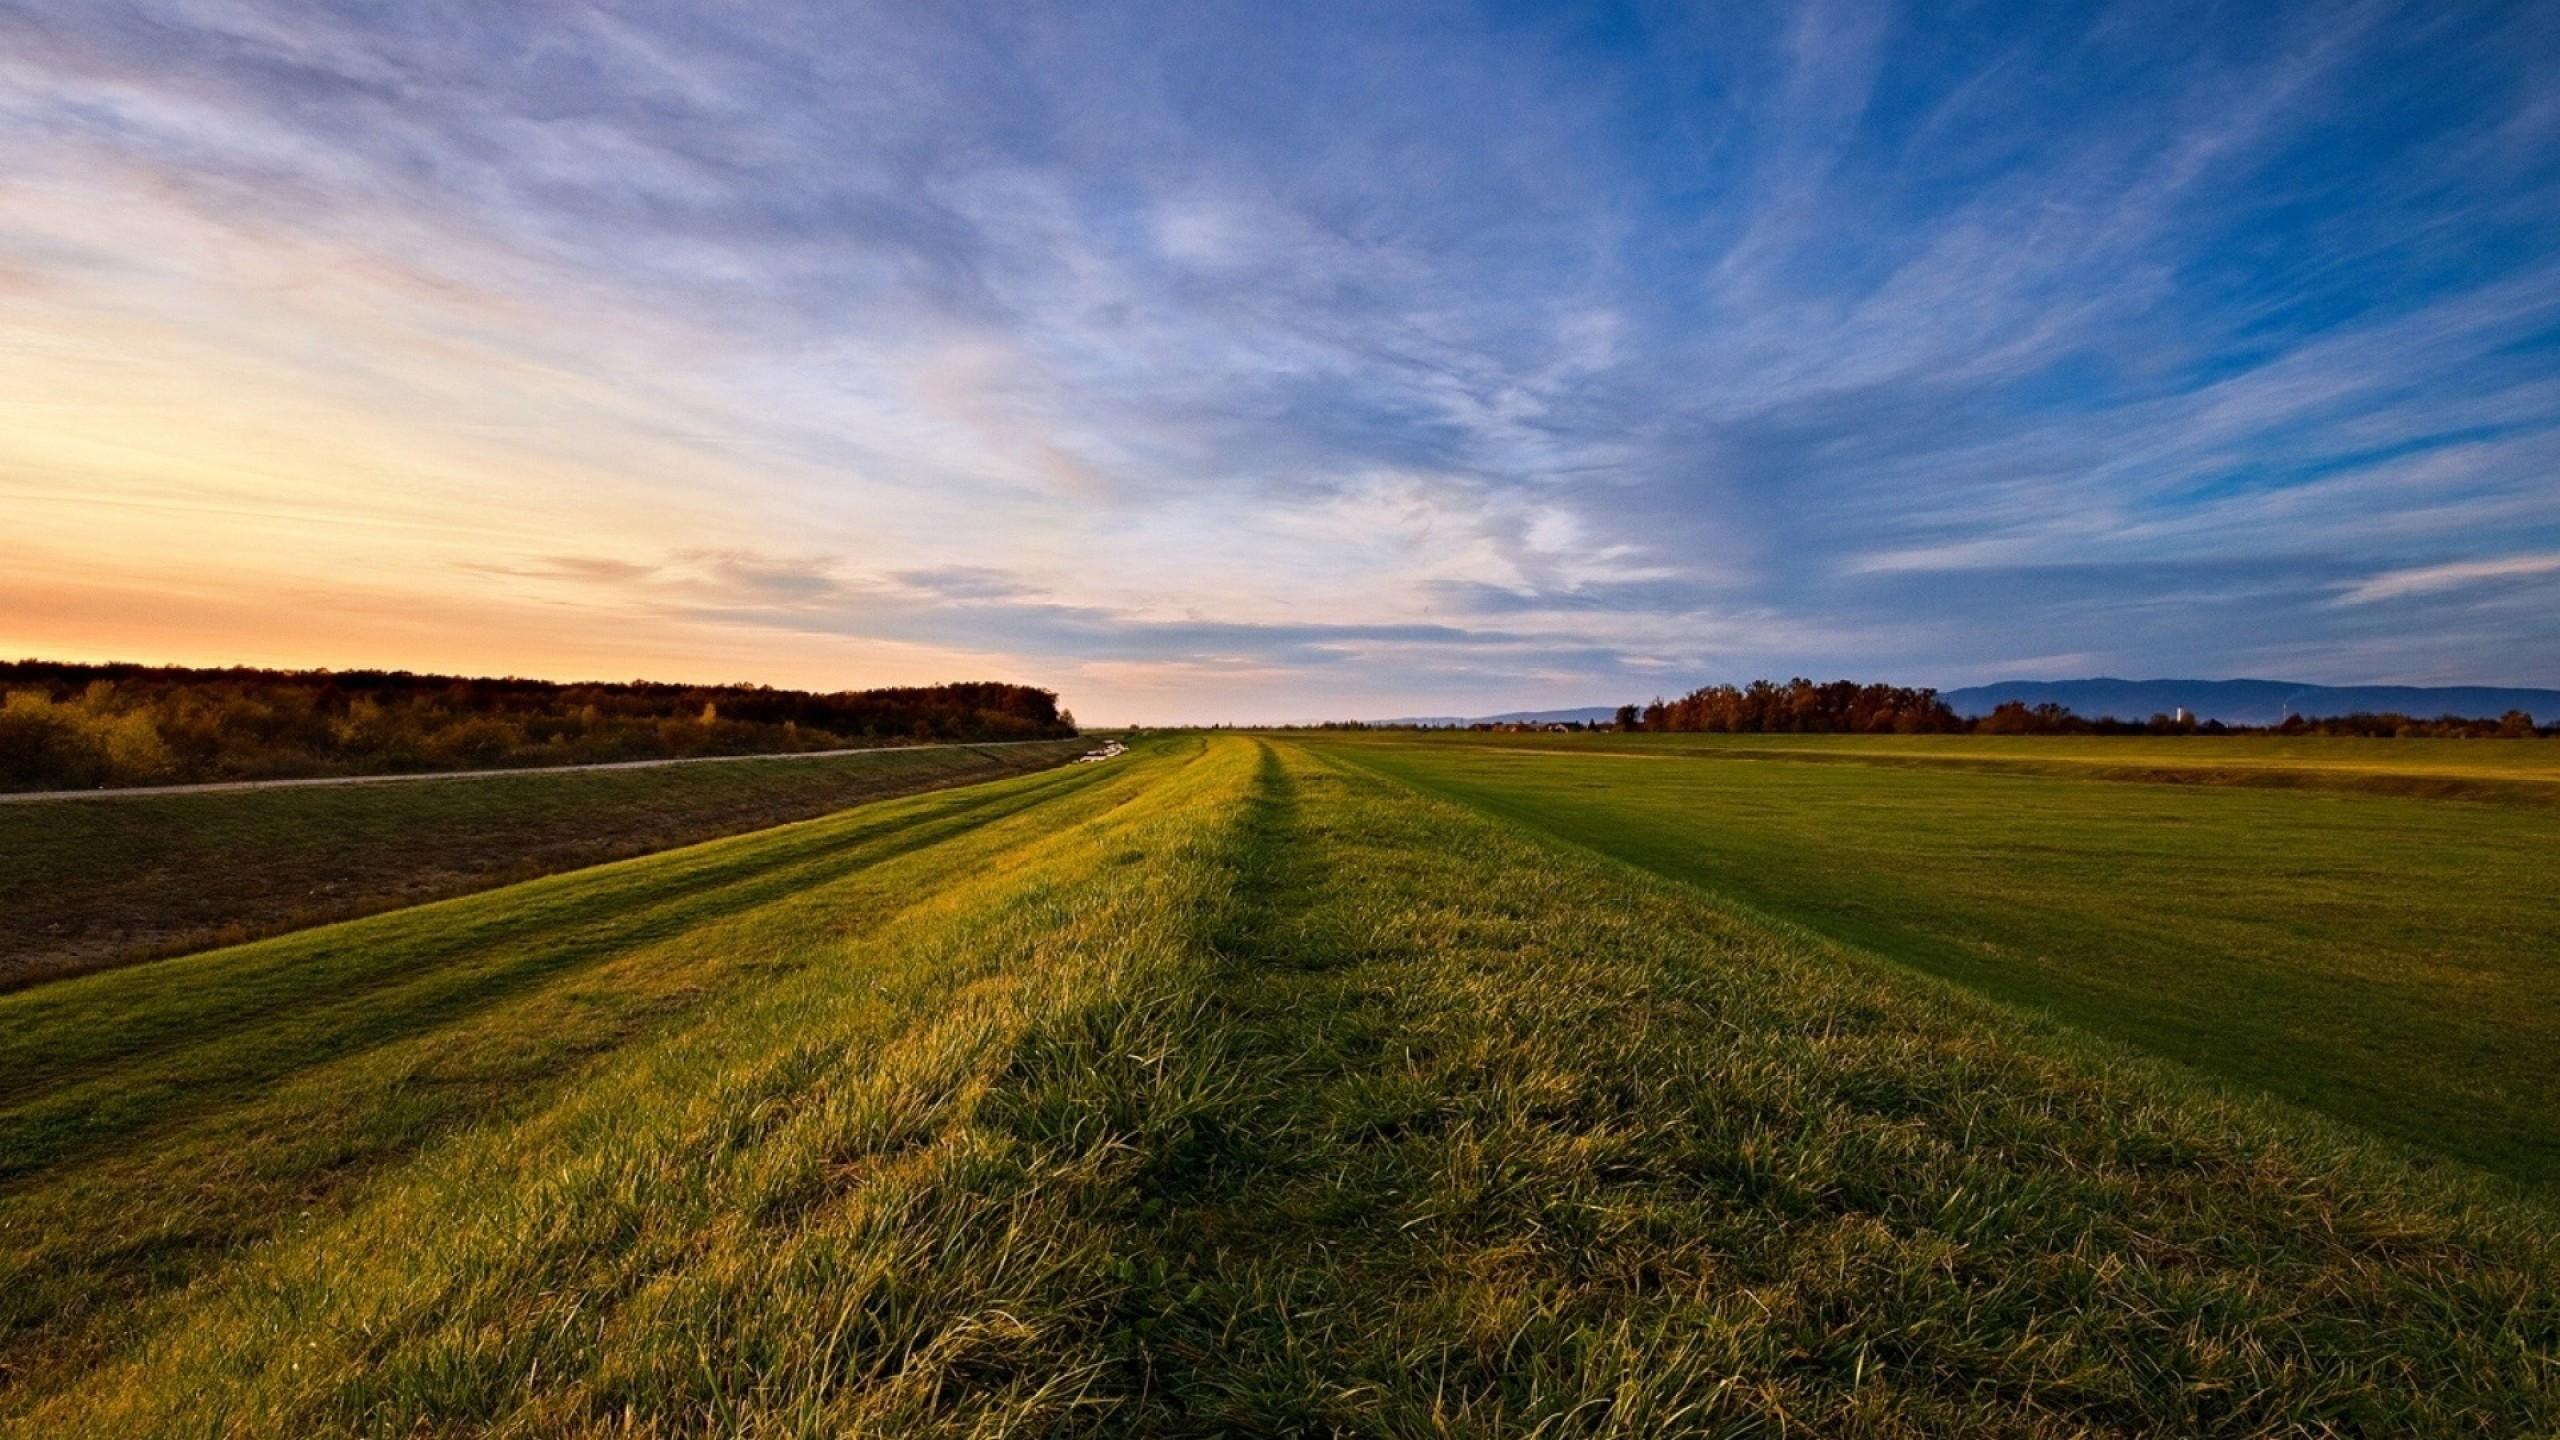 Wallpaper road, roadside, grass, field, open spaces